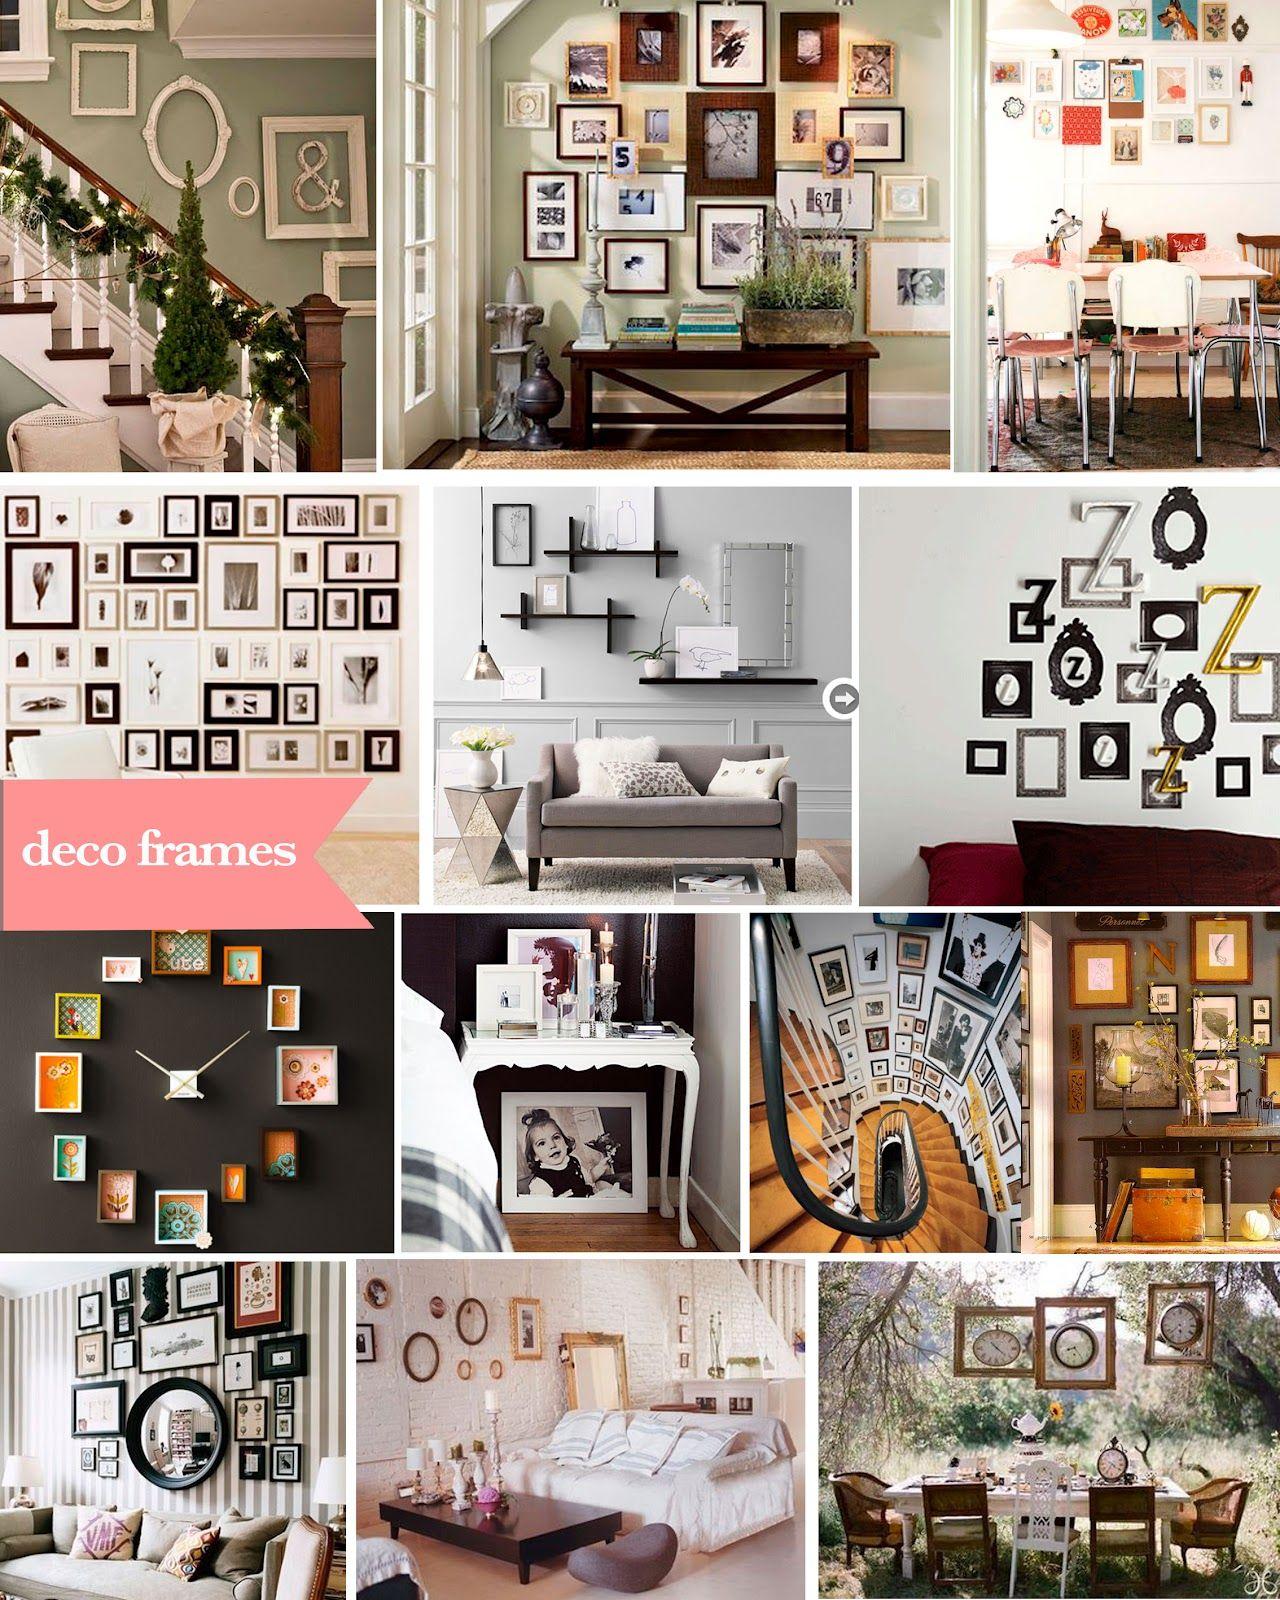 Para decorar con fotos o solo con los marcos. Me gusta el reloj ...